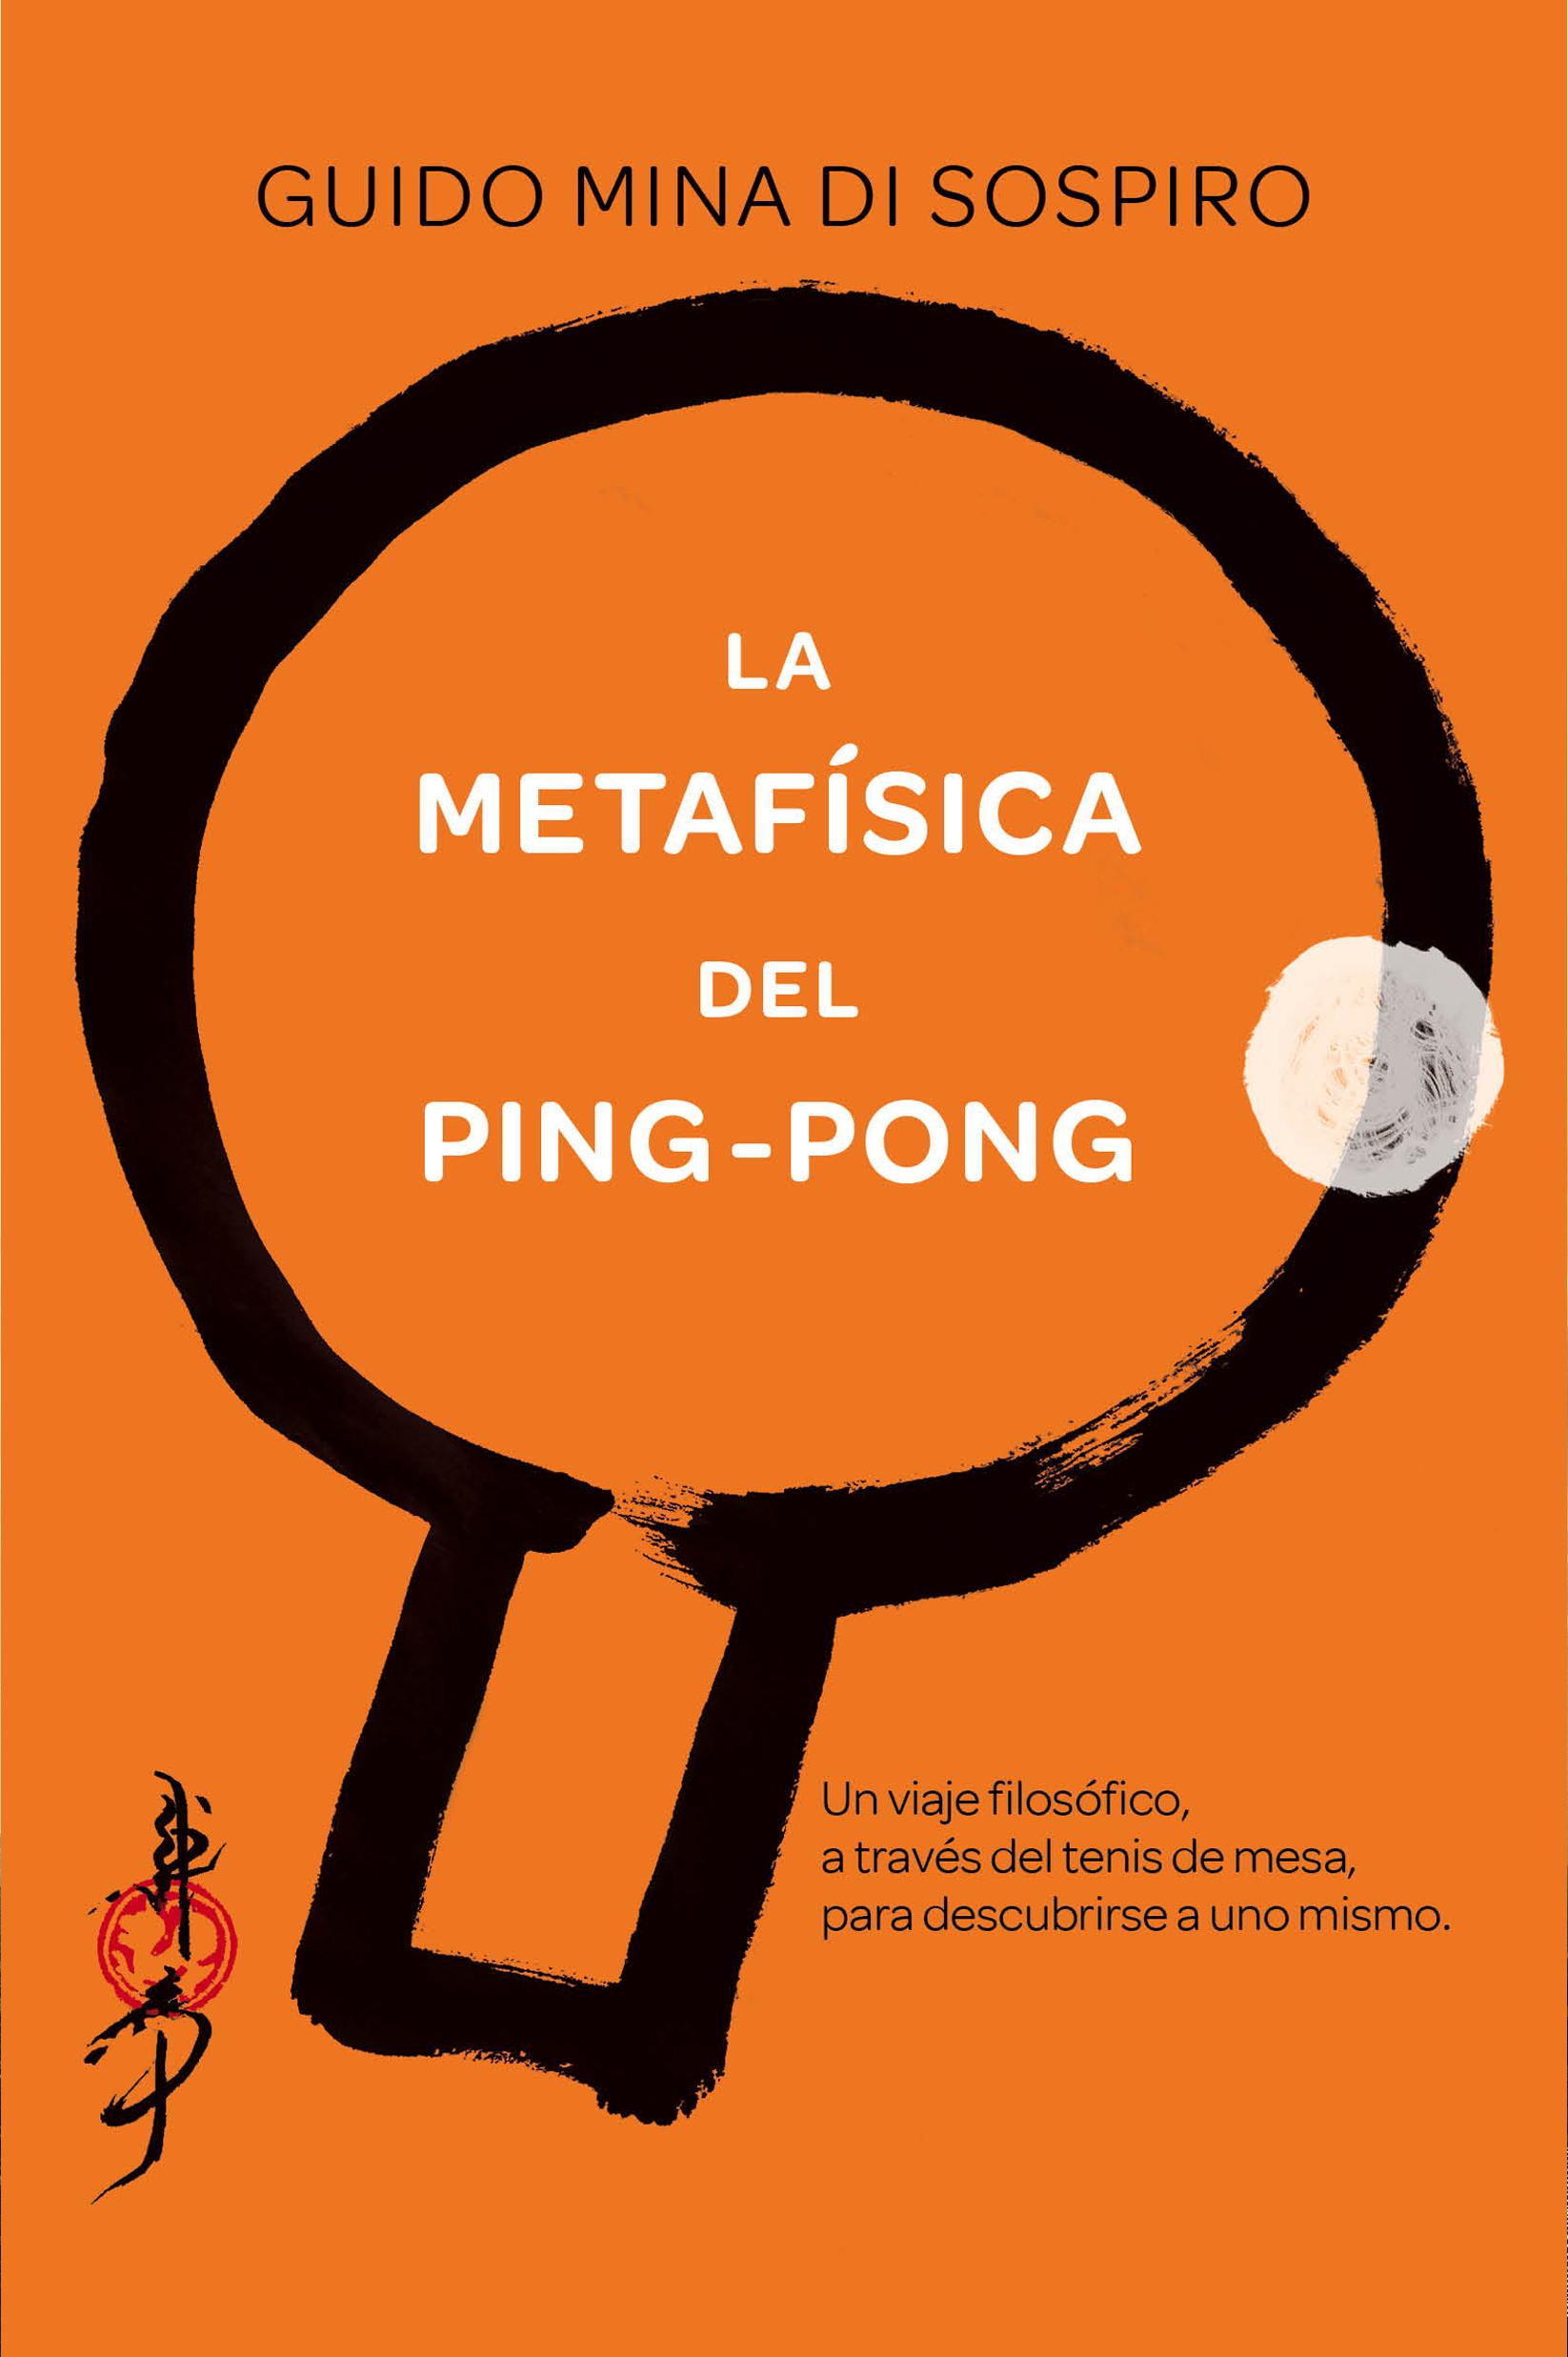 LA METAFÍSICA DEL PING-PONG. UN VIAJE FILOSÓFICO, A TRAVÉS DEL TENIS DE MESA, PARA DESCUBRIRSE A UNO MISMO.